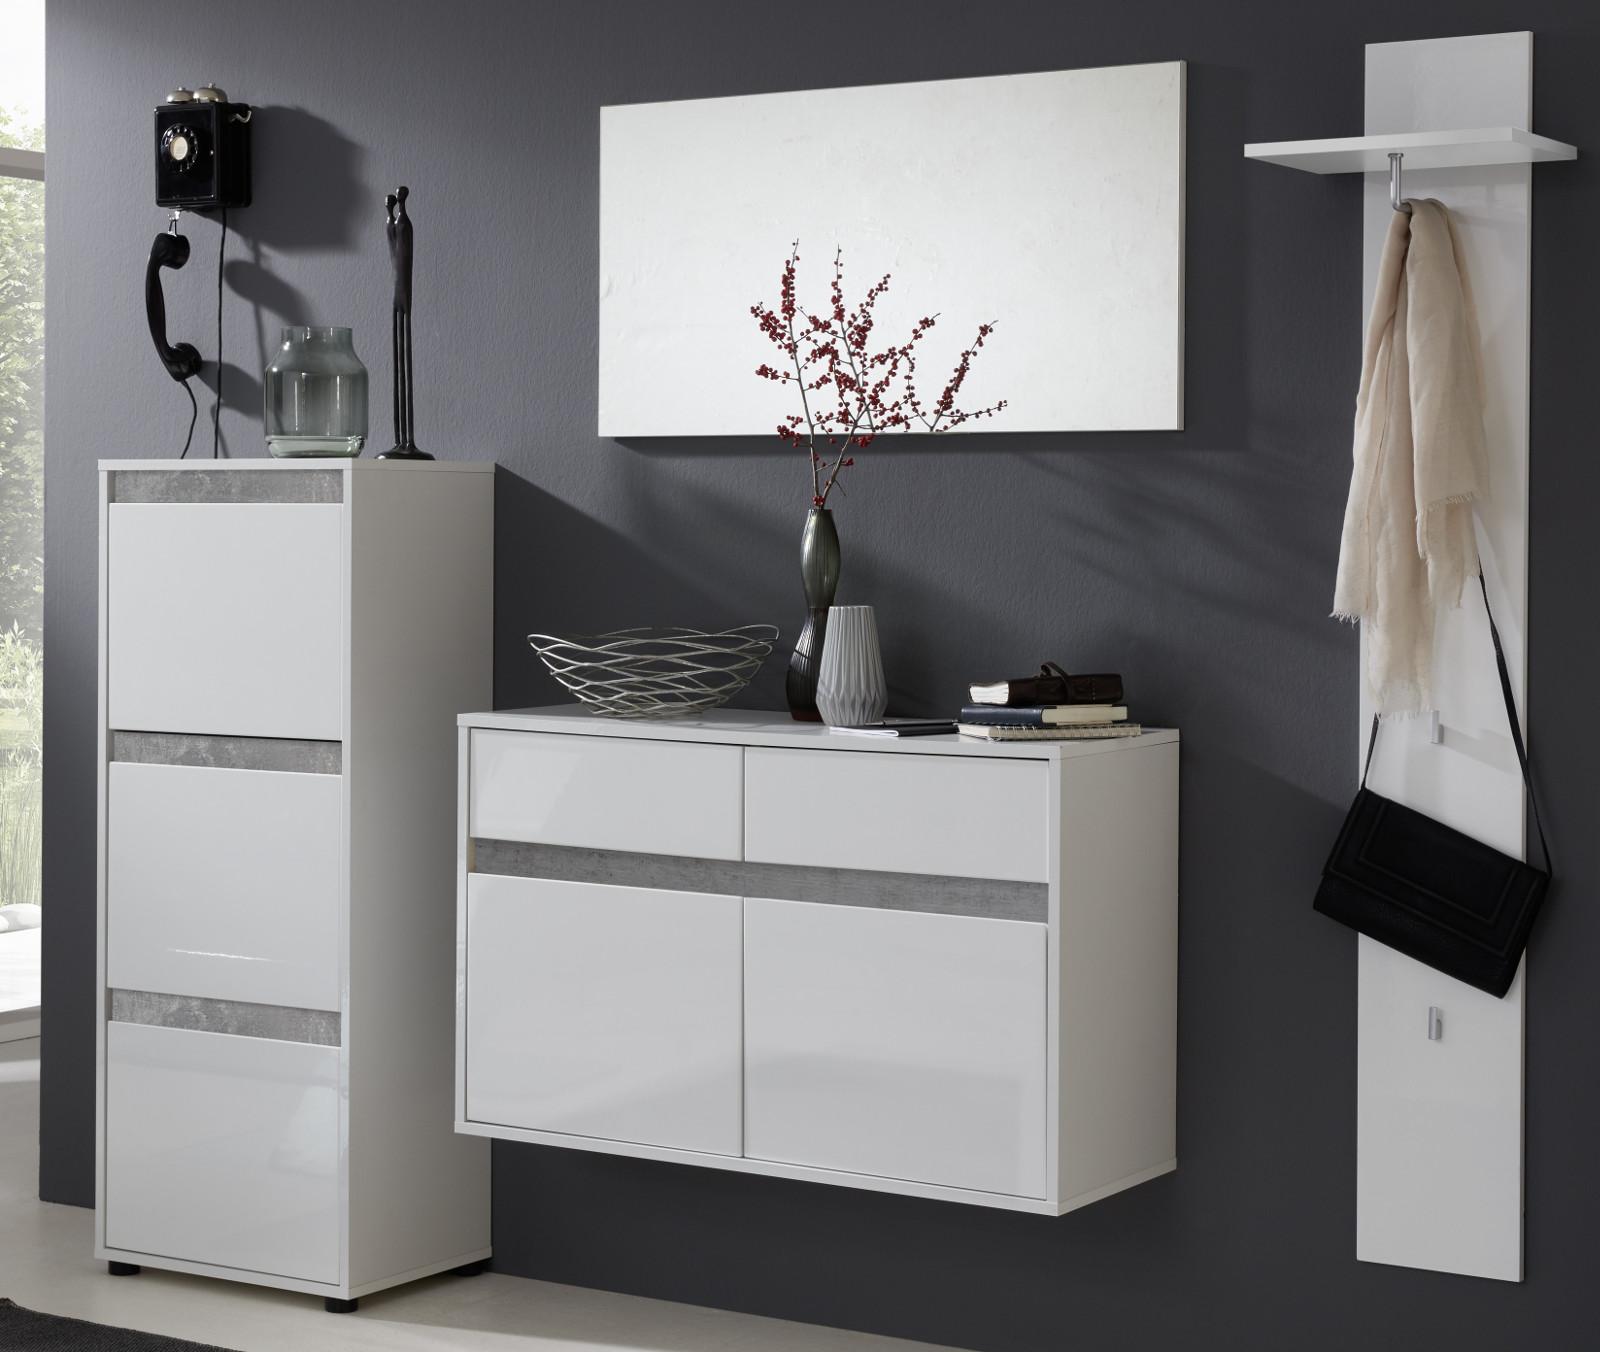 schuhschrank sol hochglanz wei und grau 97x60 cm. Black Bedroom Furniture Sets. Home Design Ideas